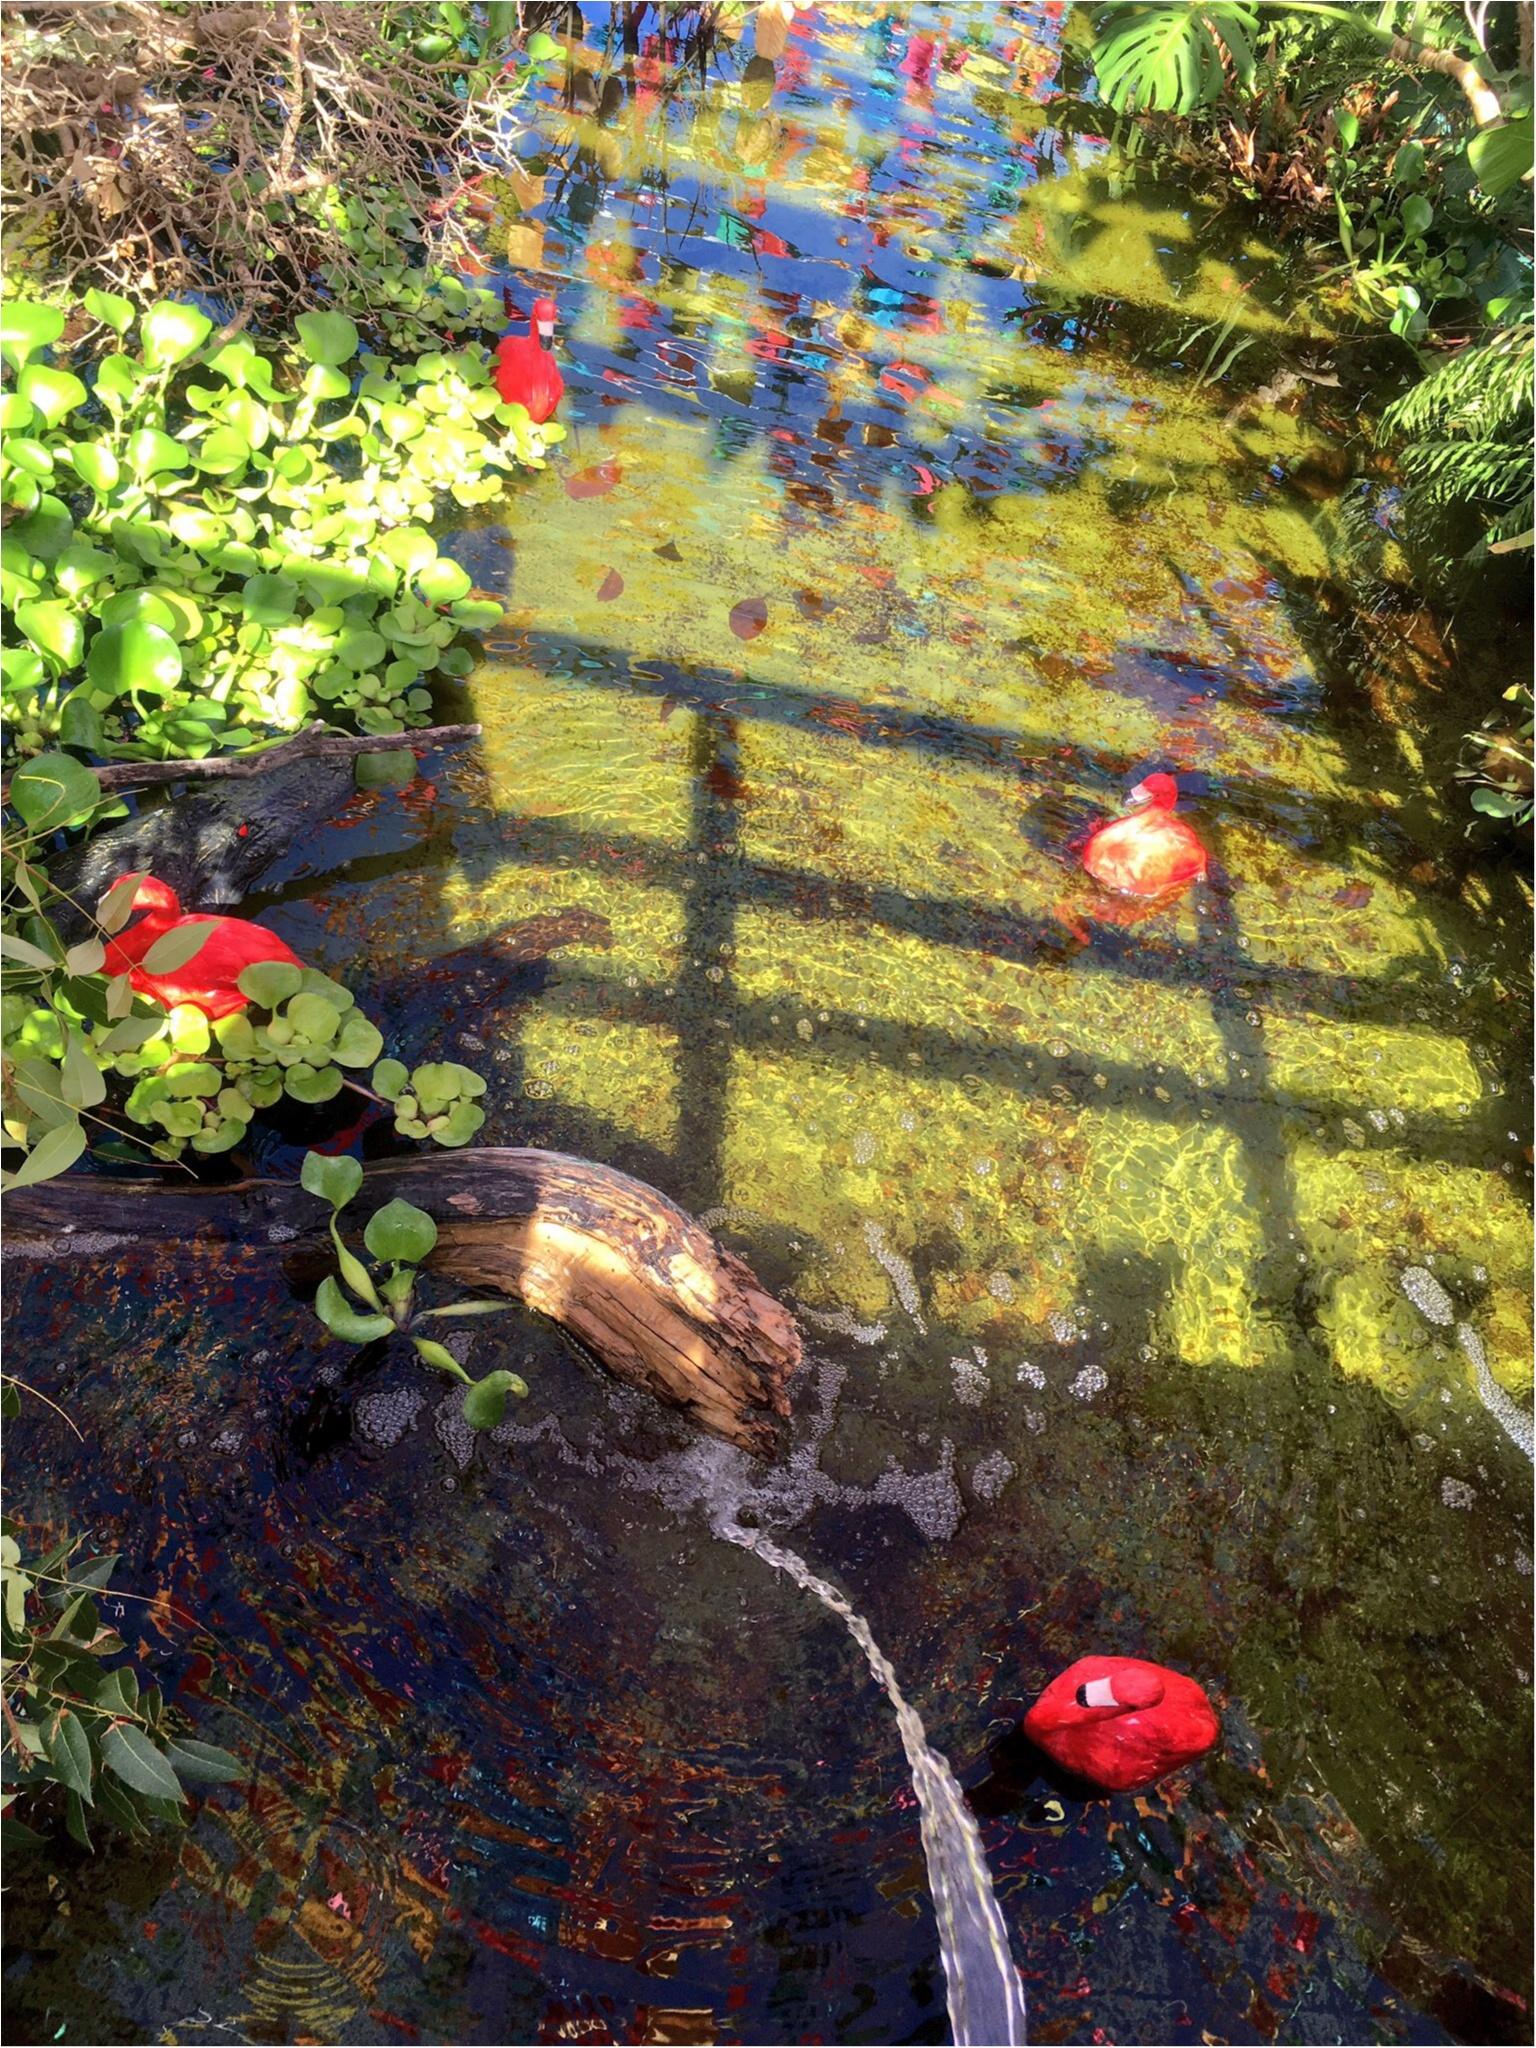 みなとみらい♡赤レンガにアマゾン川が出現…!?見ても楽しい♪食べても楽しい♪『RED BRICK Paradise』の写真たくさんレポ(*´ ˘ `*)!_5